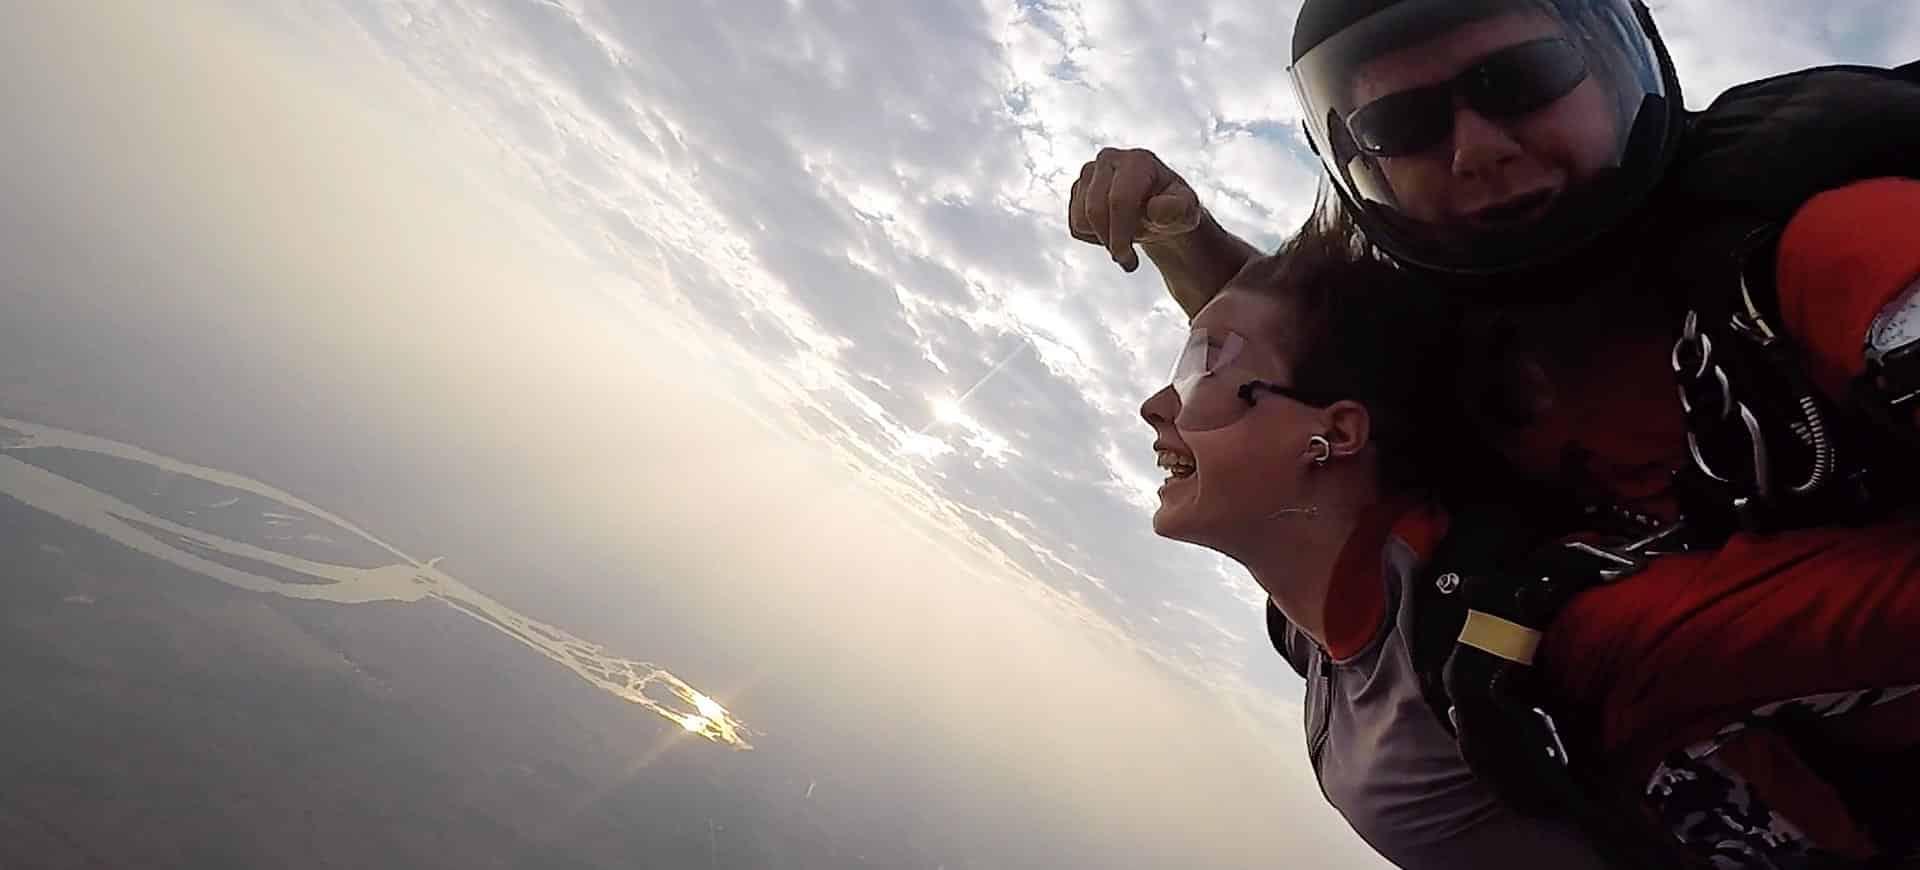 Skydiving Victoria Falls